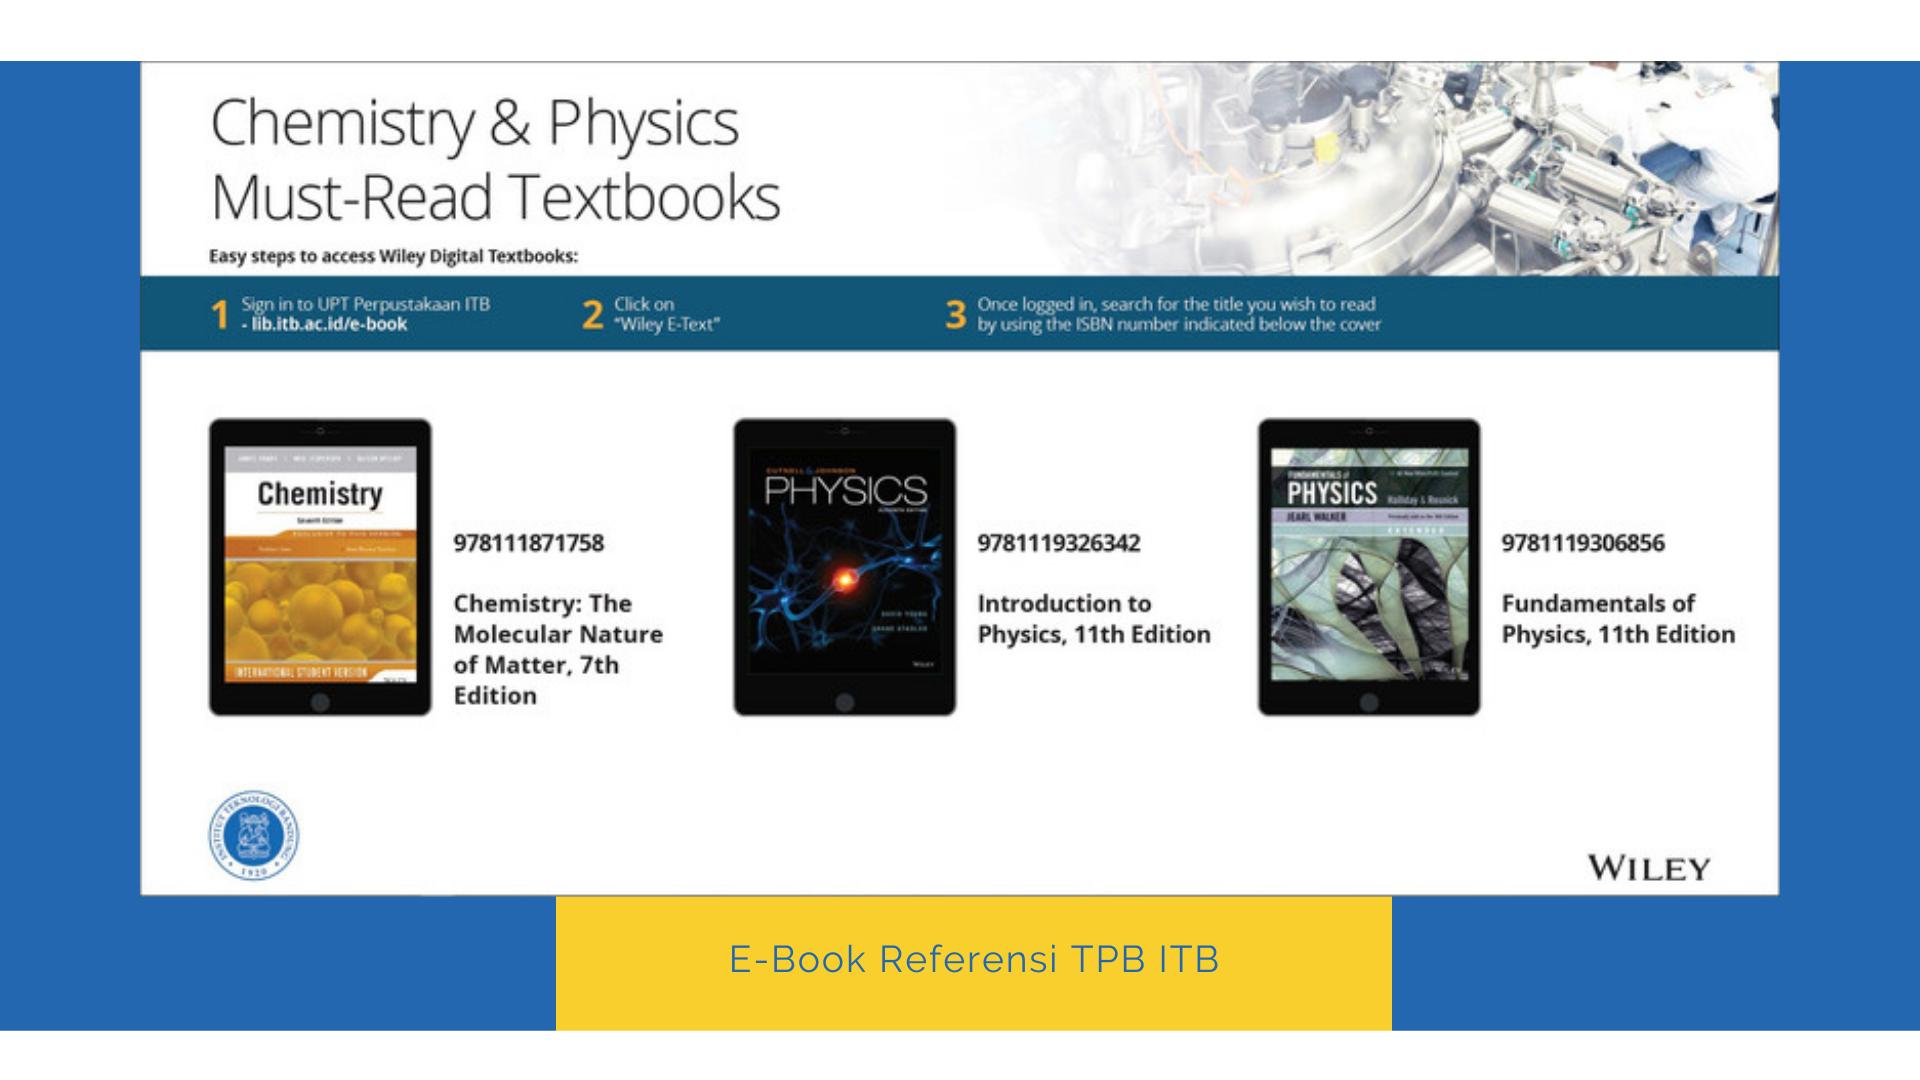 E-Book Referensi TPB ITB